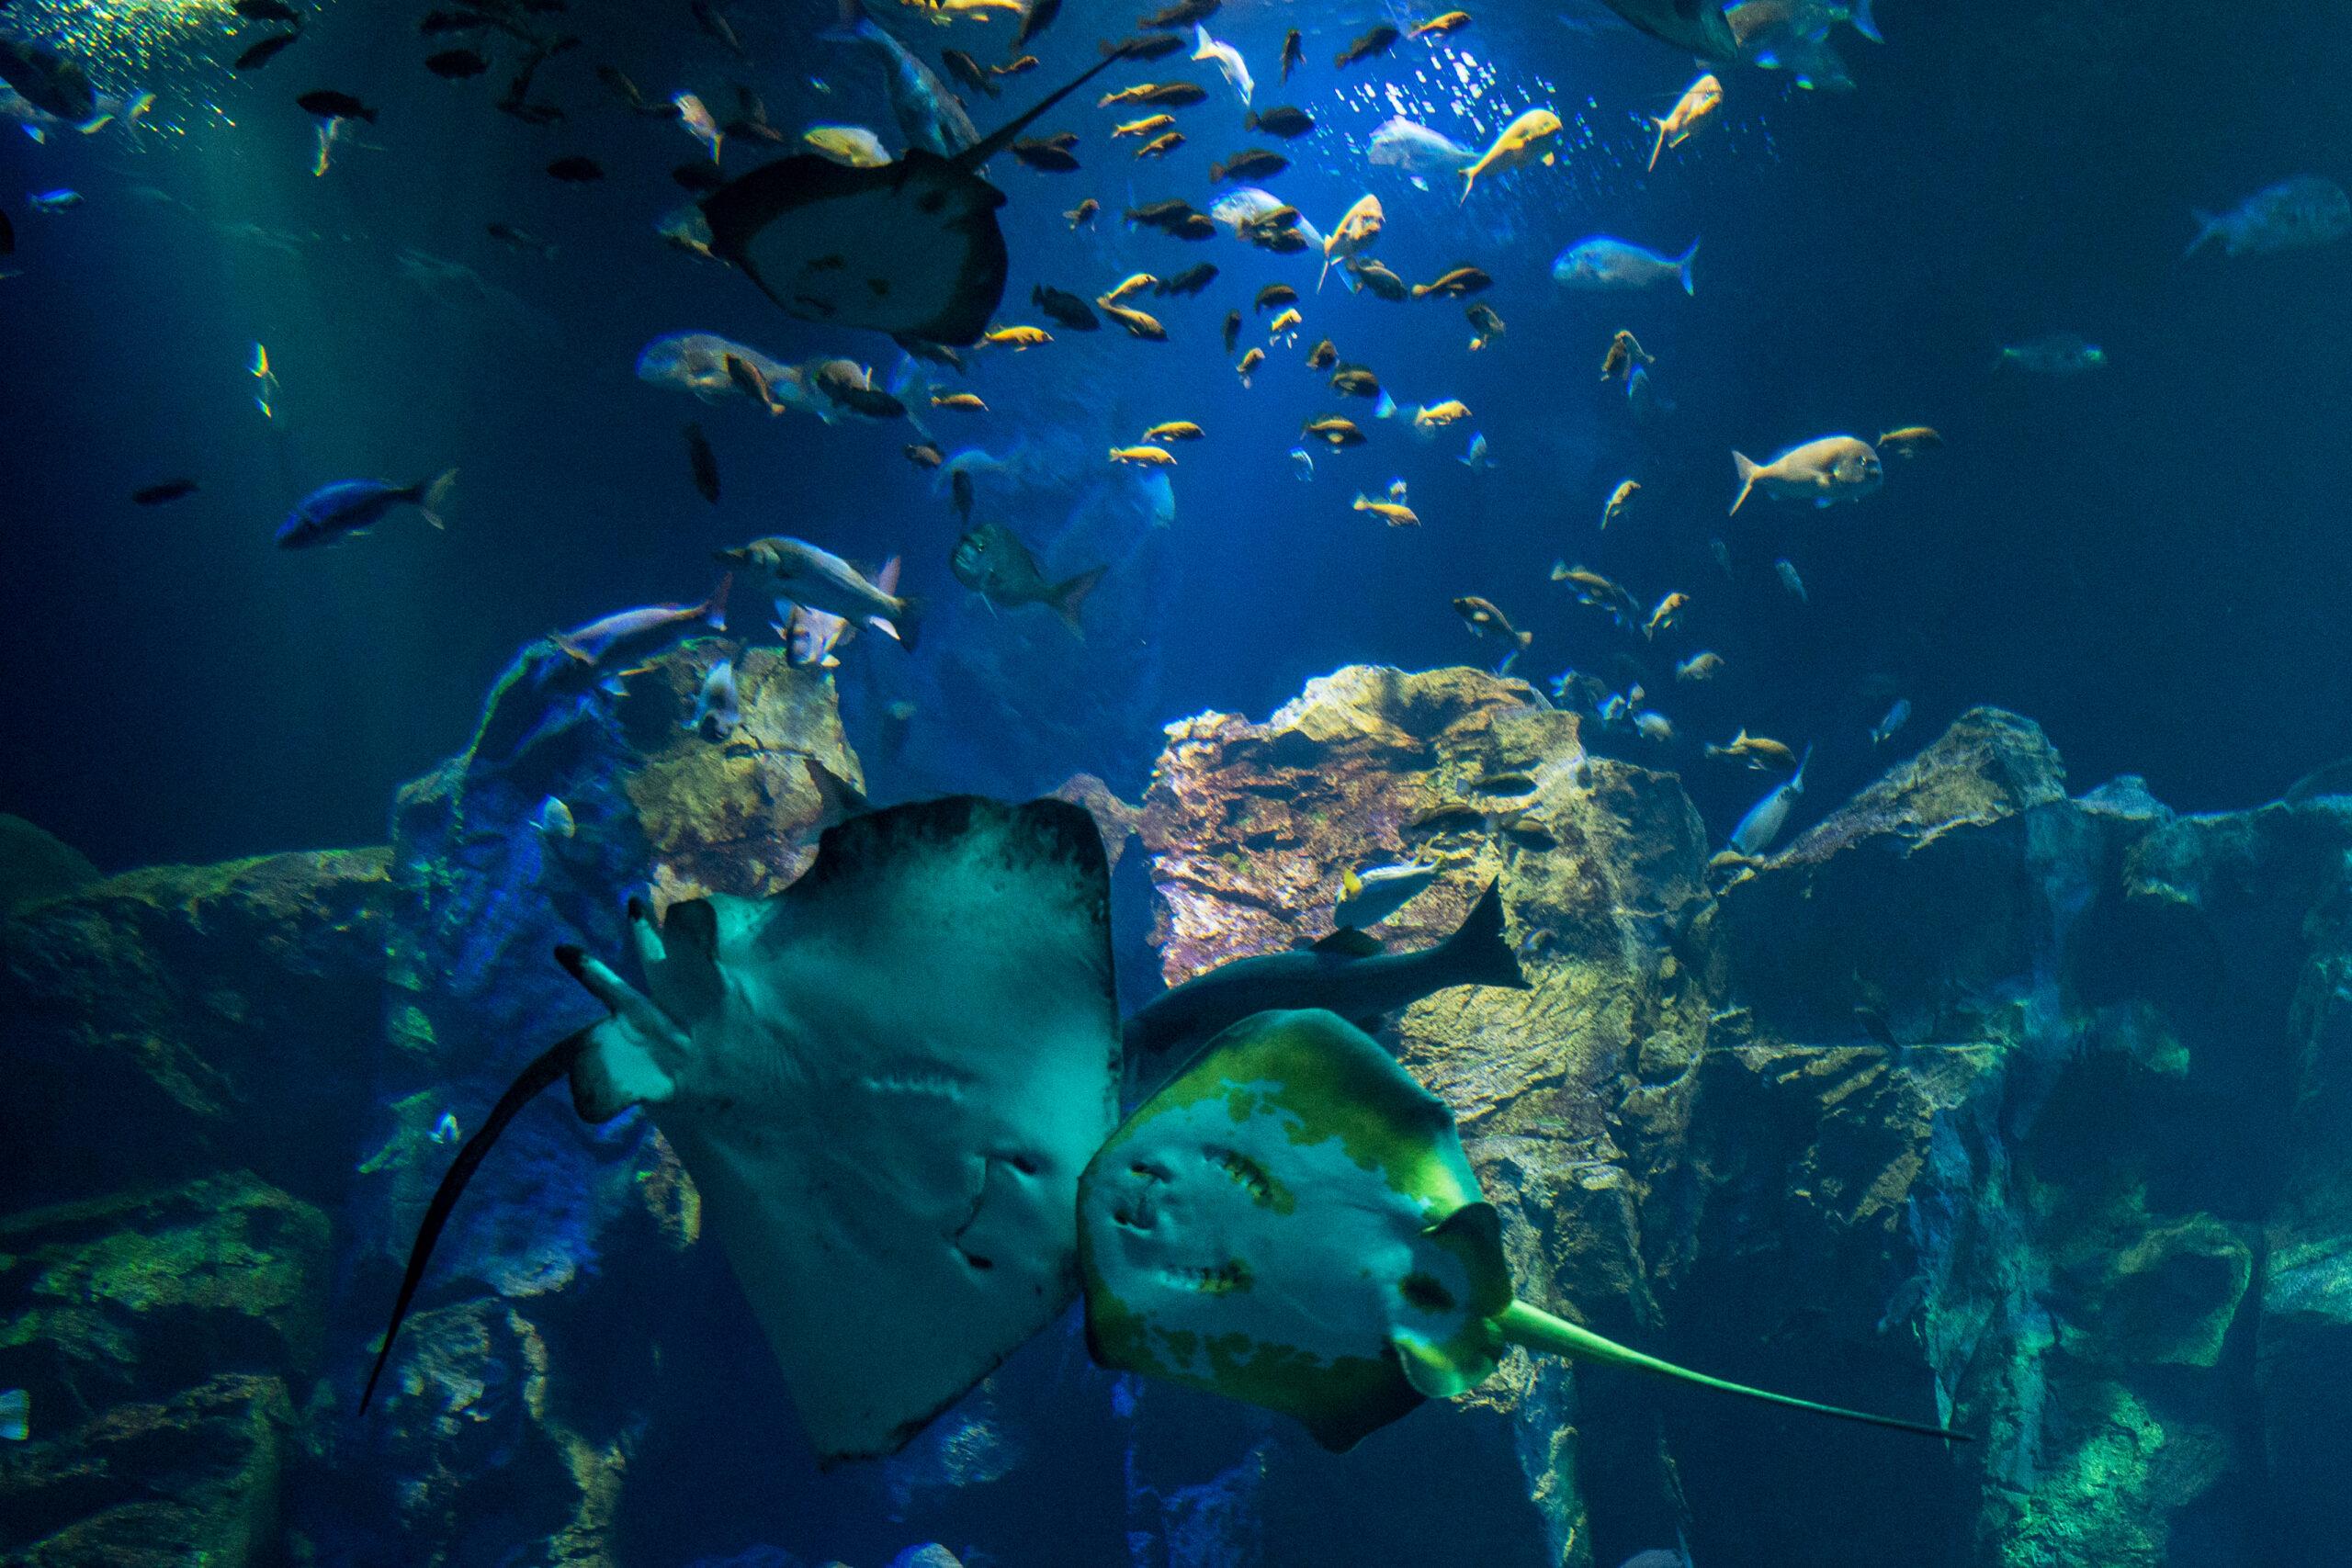 魚種の豊富な日本海を再現した「男鹿の海大水槽」